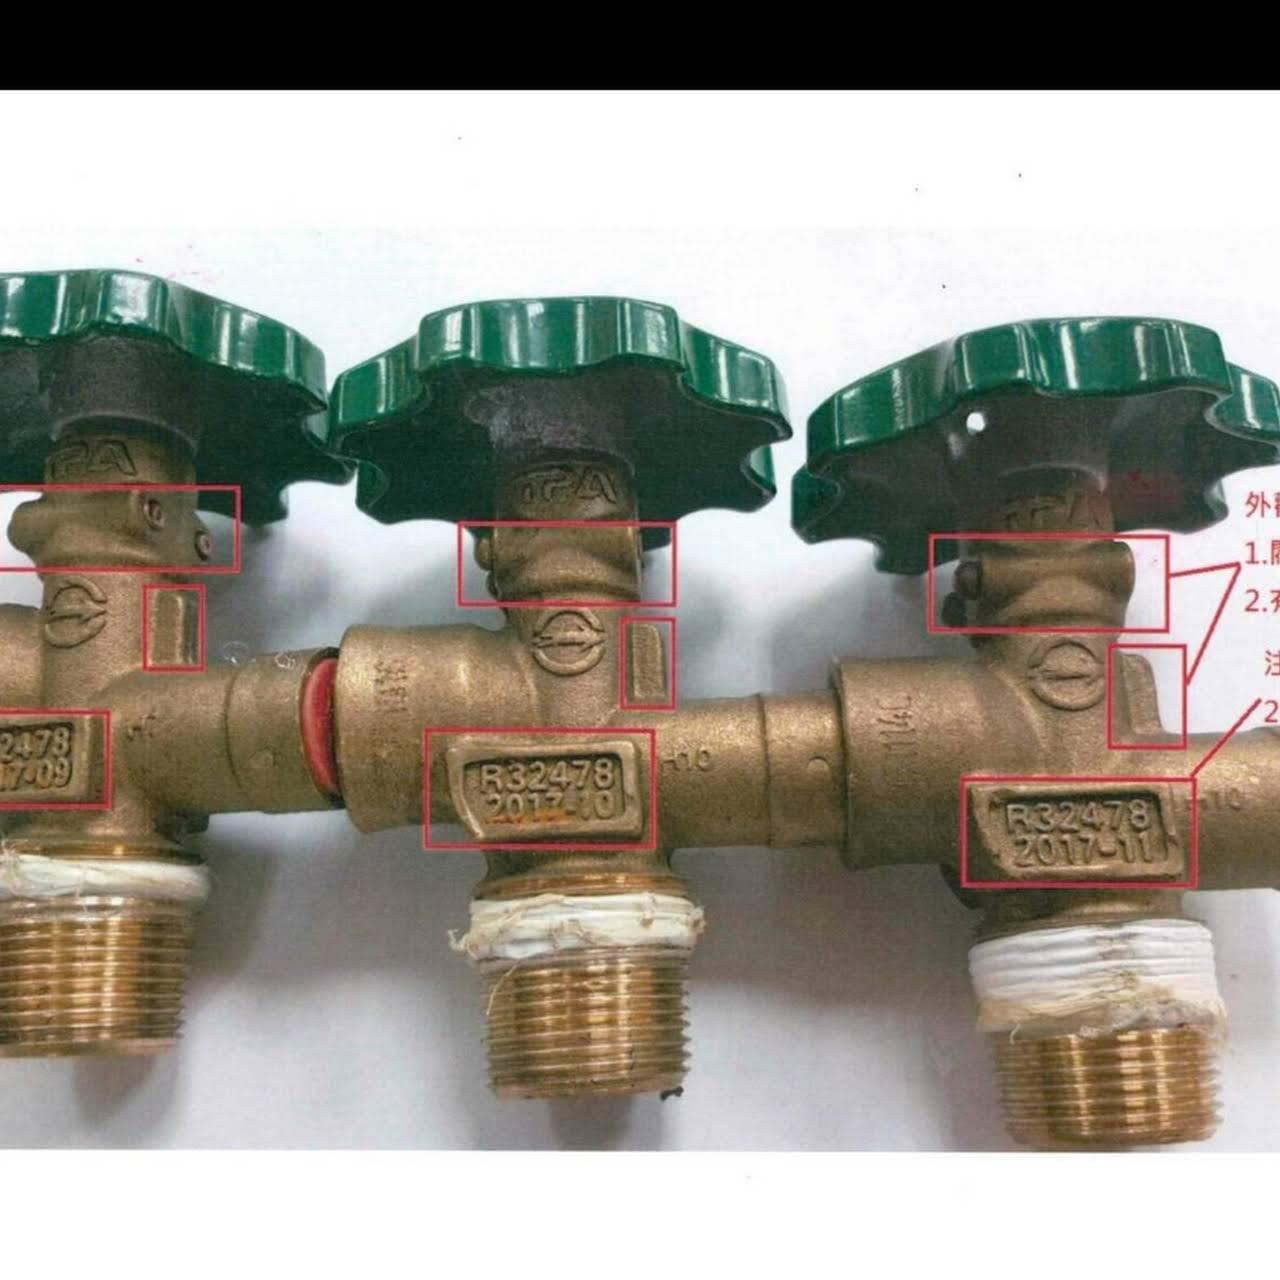 全興瓦斯行 - 專業 爐具 熱水器 安裝維修 瓦斯配管